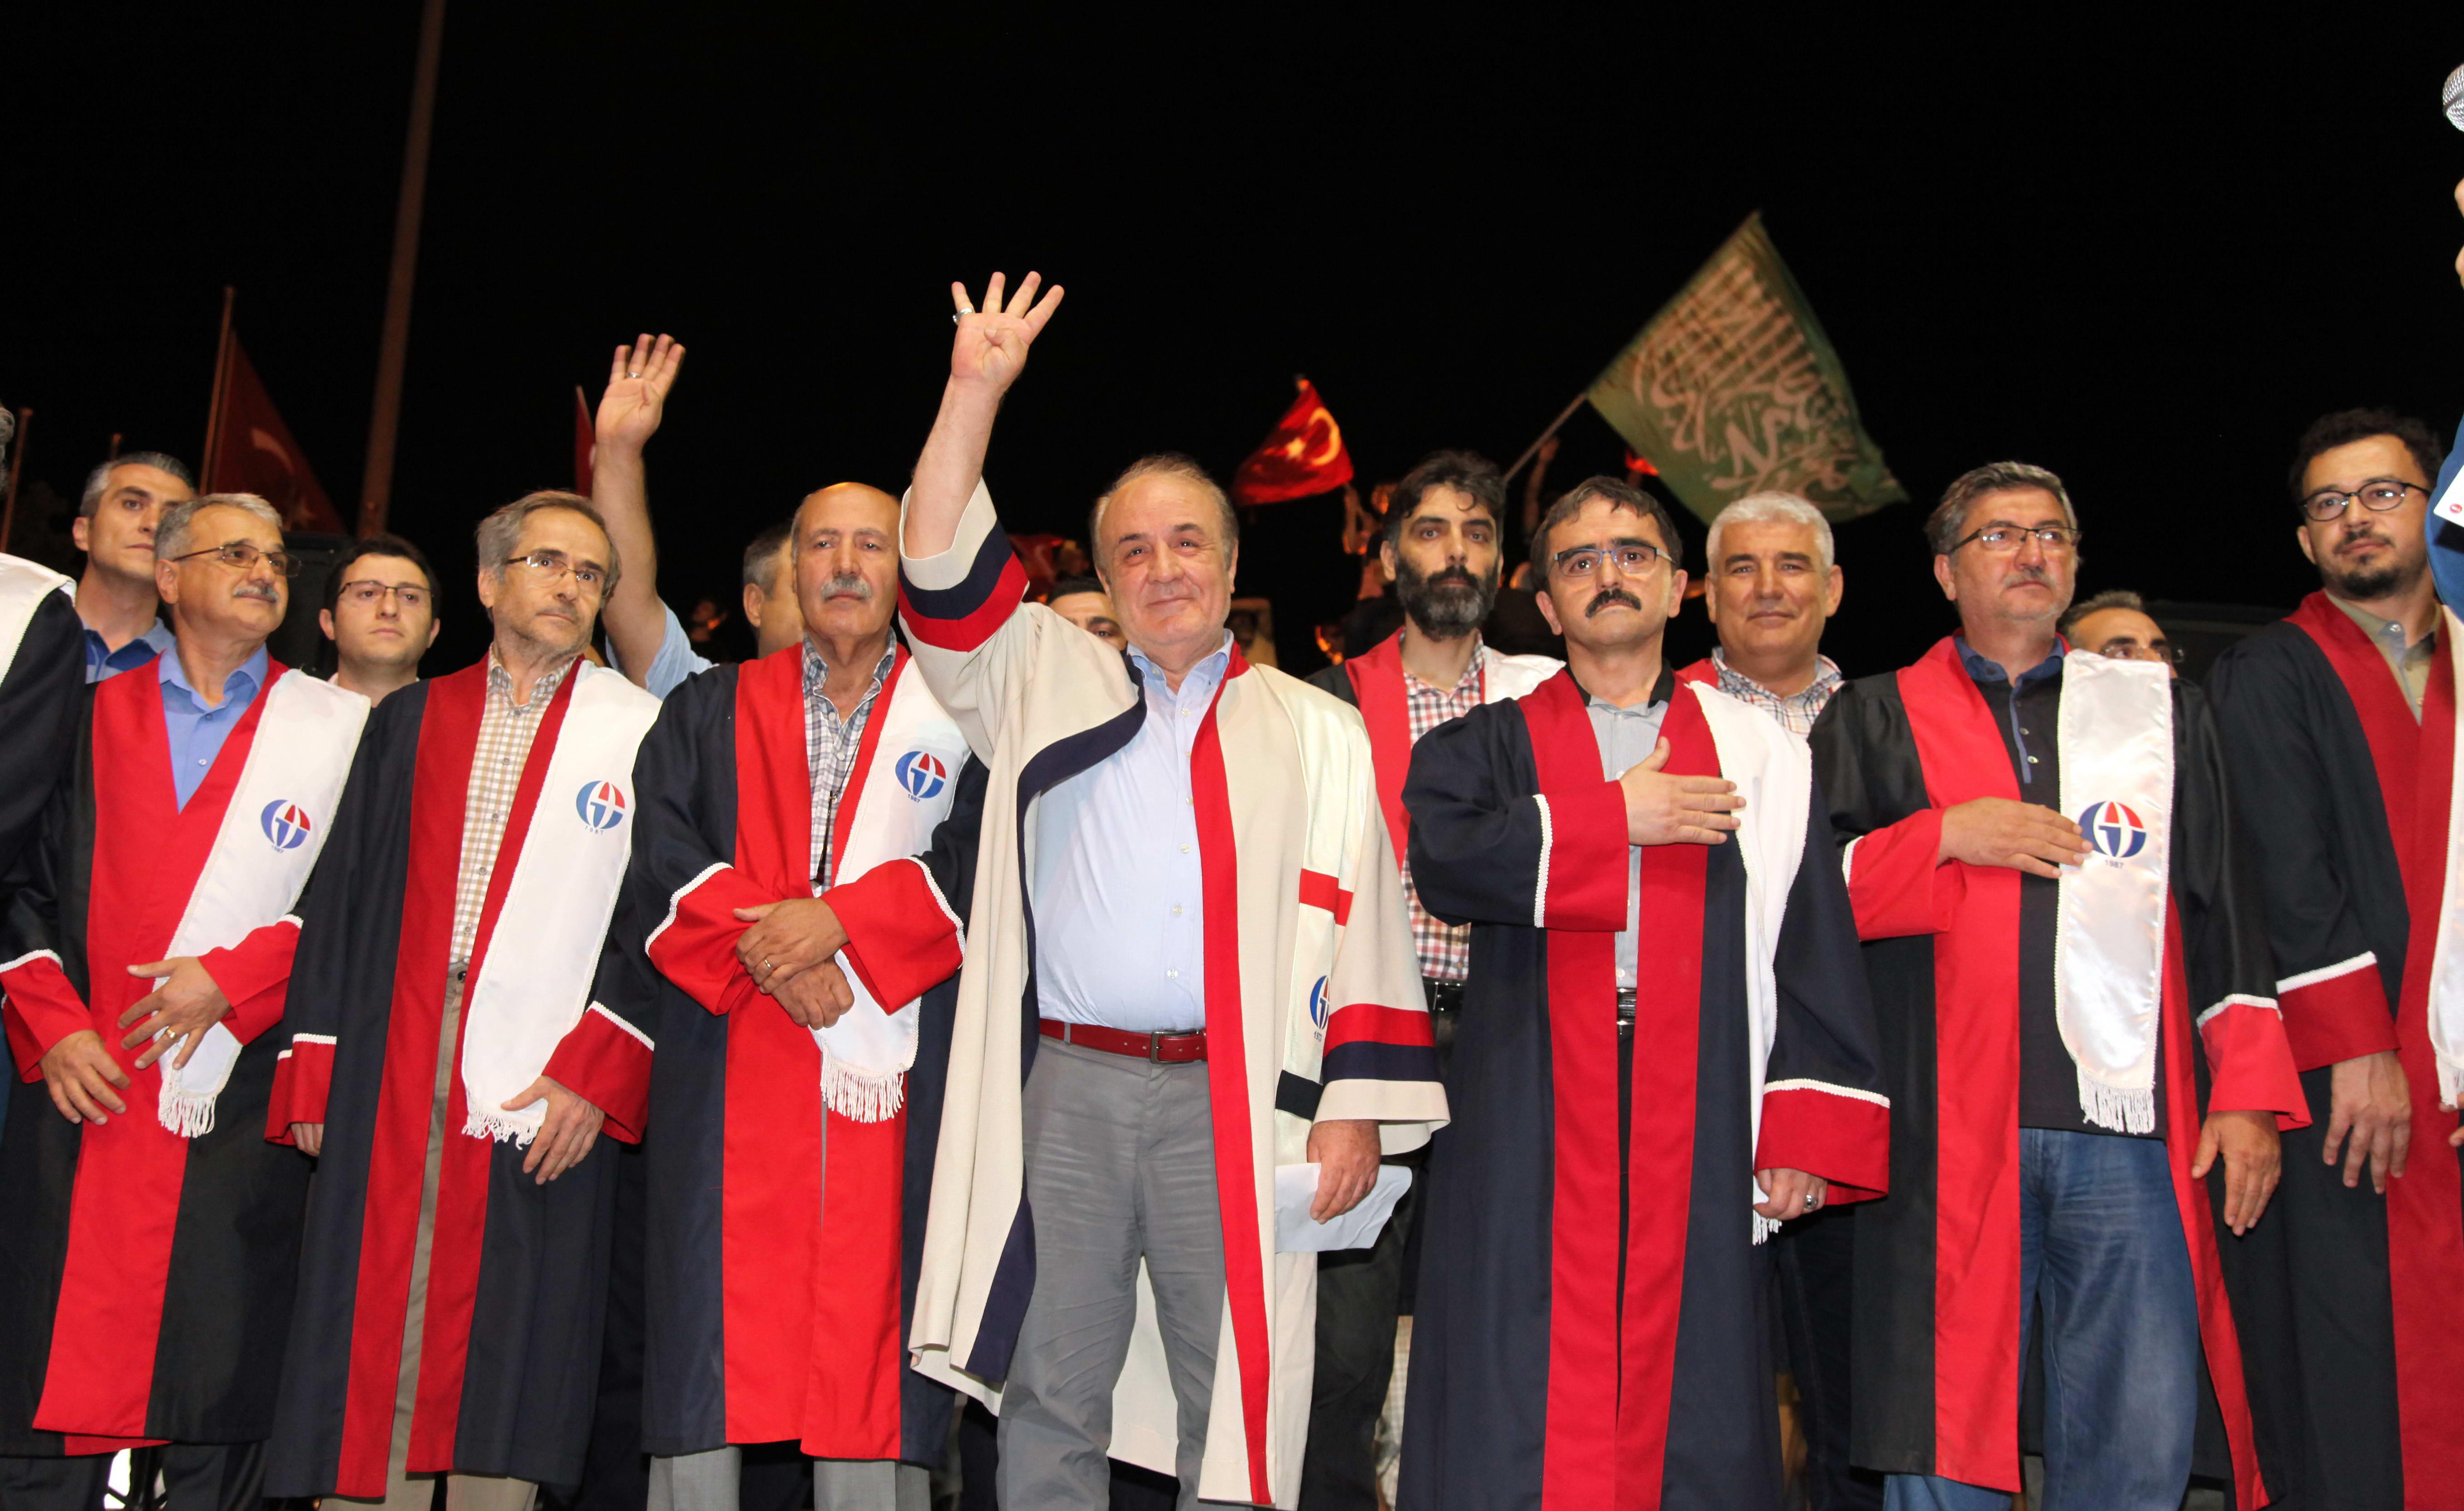 Gaziantep Üniversitesi Senatosu Demokrasi Nöbeti için Demokrasi Meydanı'na gitti -  (1)